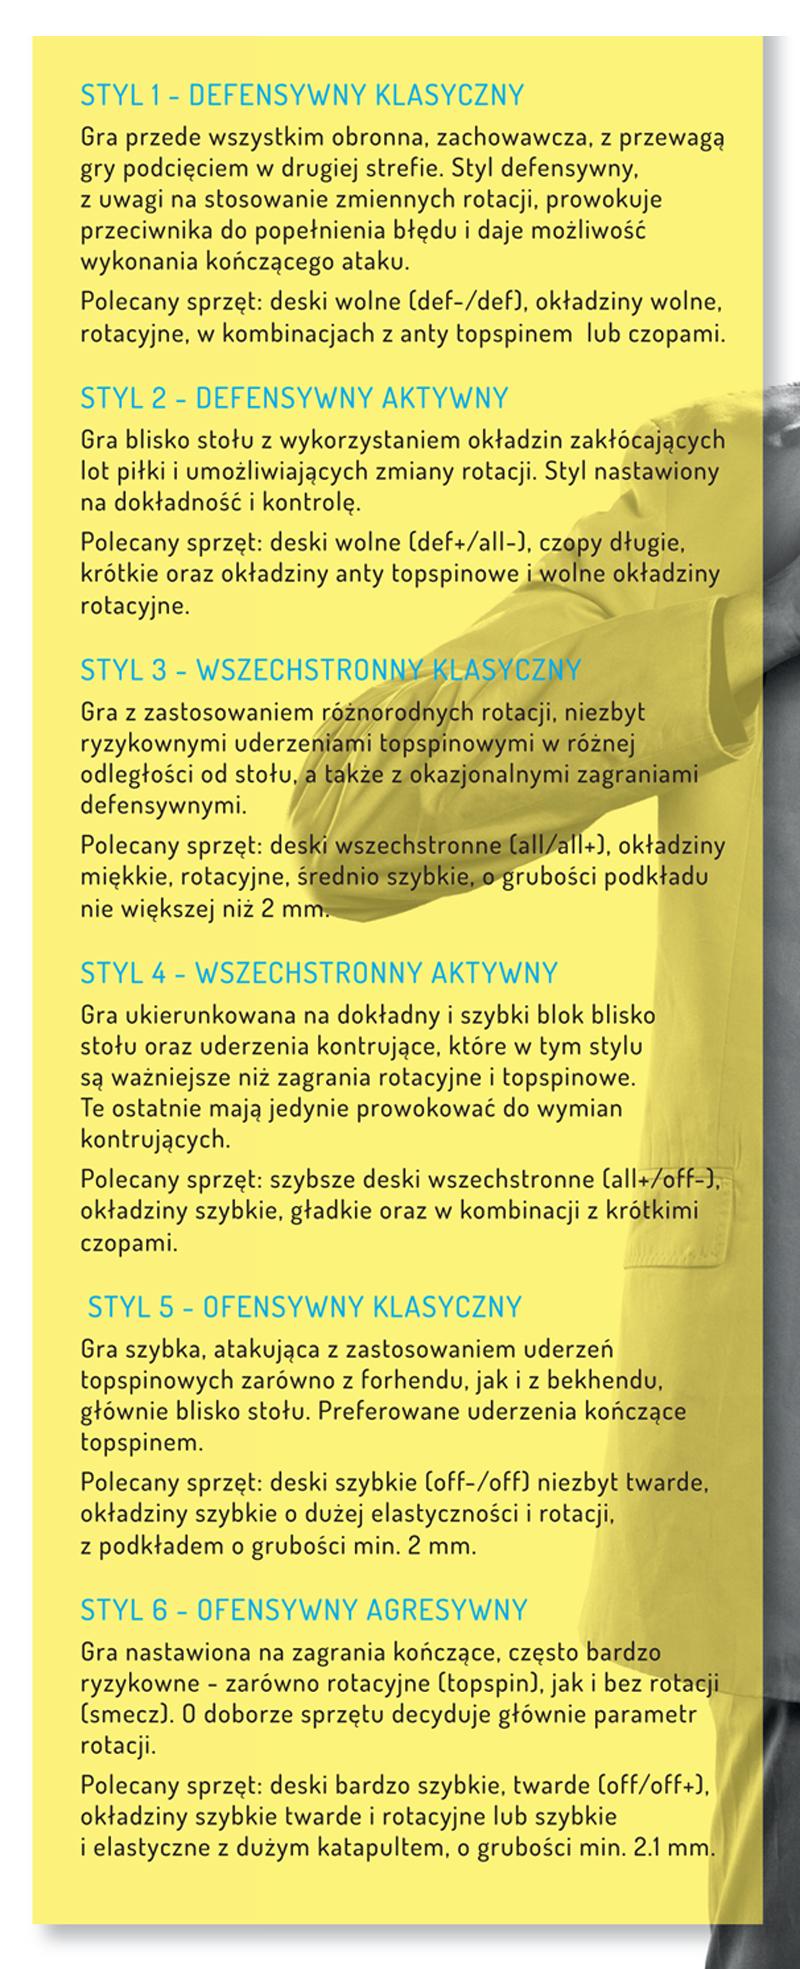 Strony z menu - stylegry1.jpg